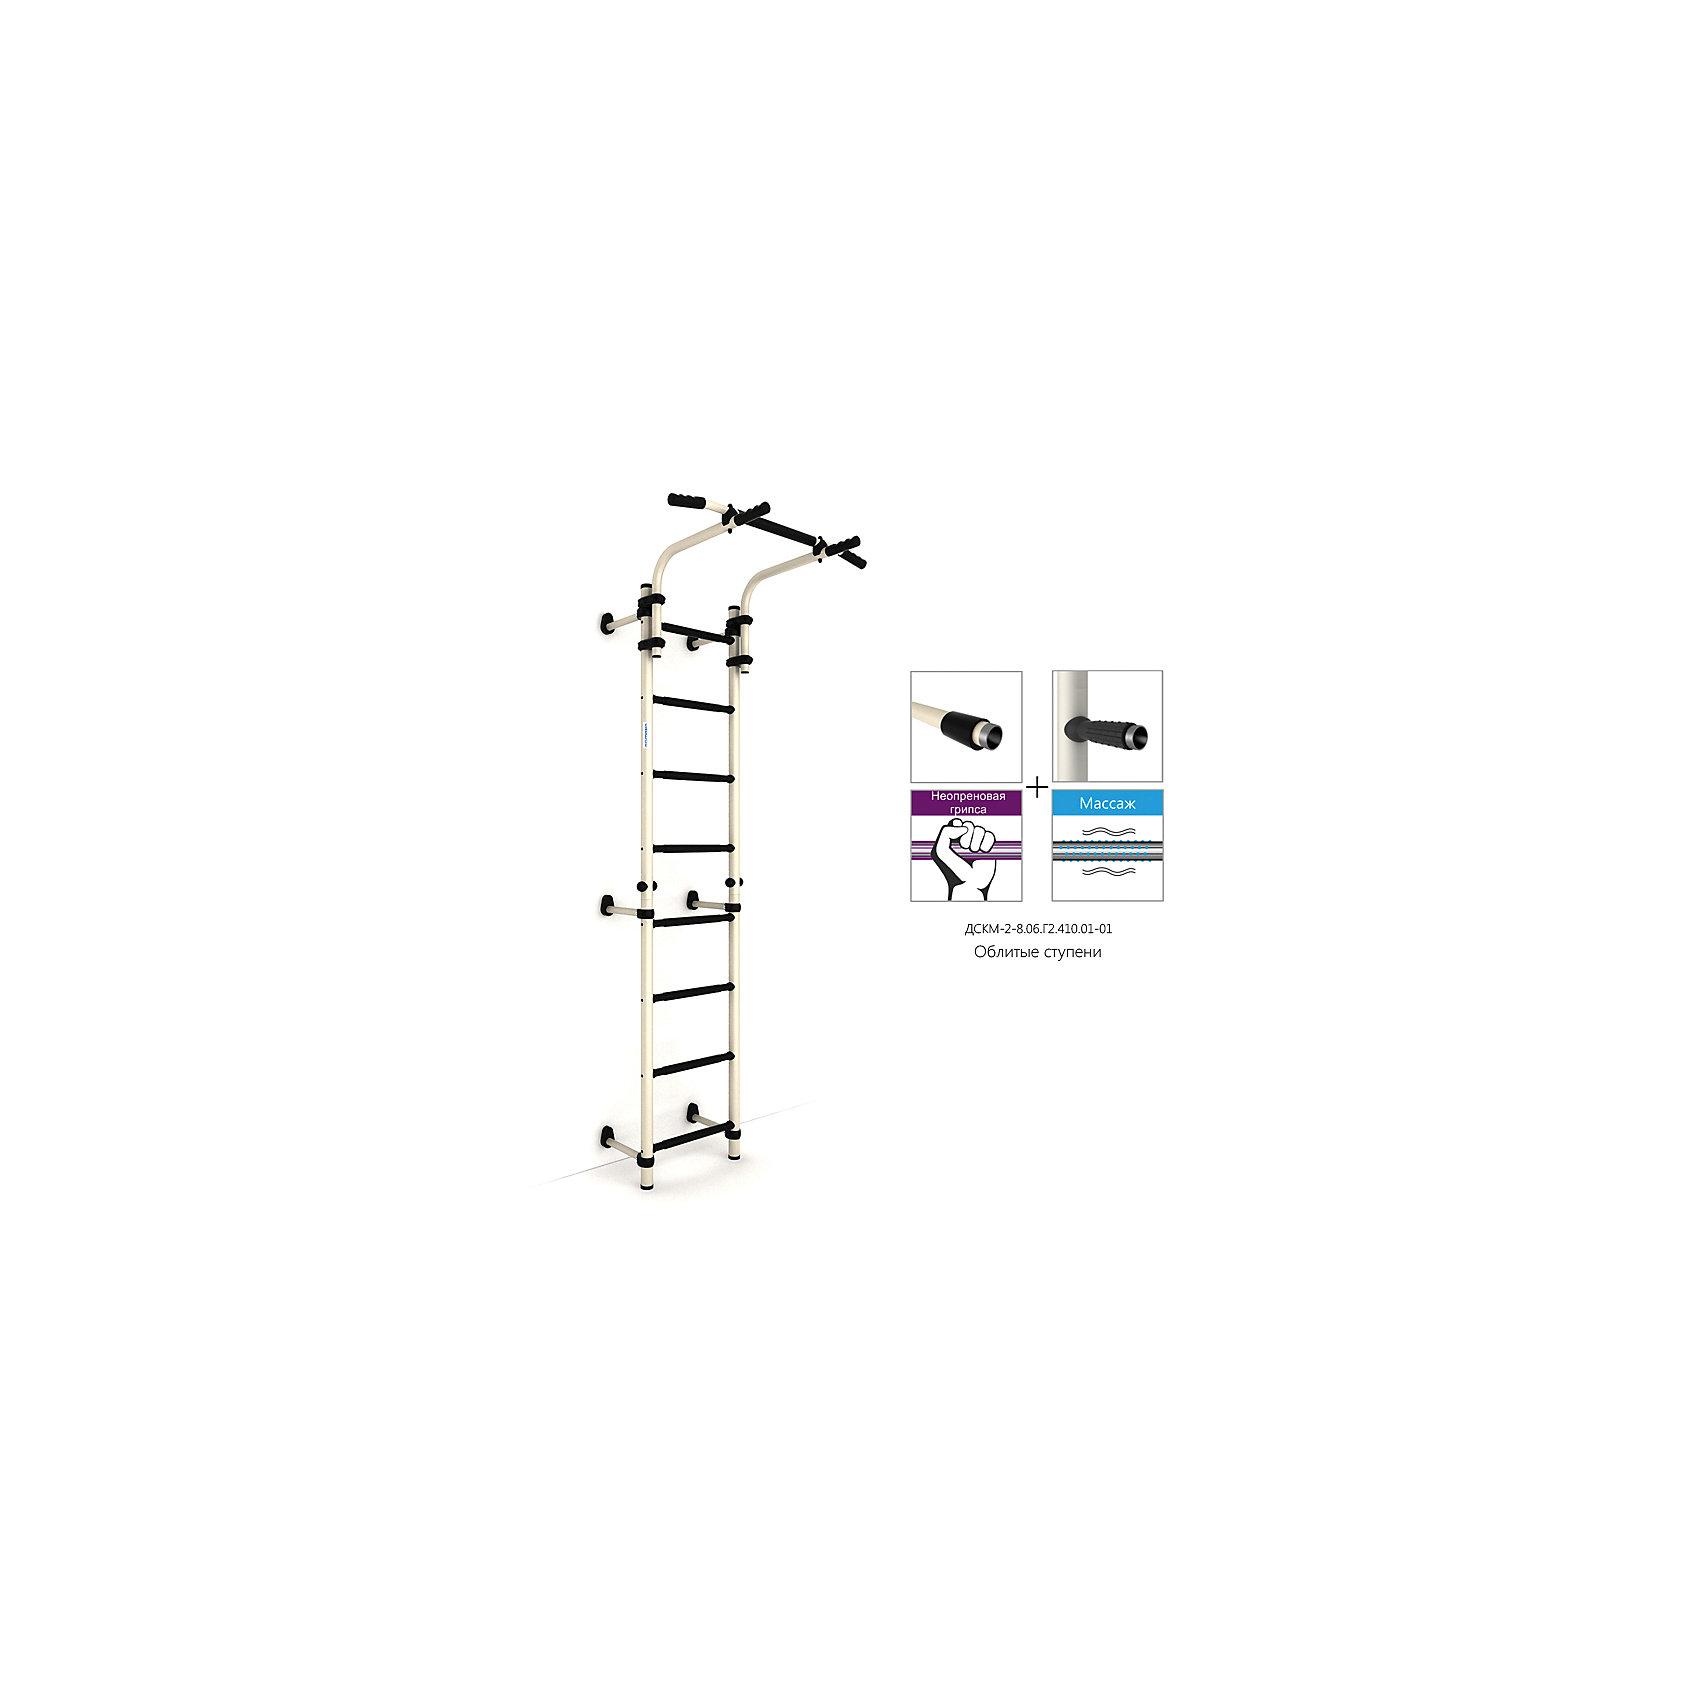 Шведская лестница S8 (410 мм), белый антик золото/черныйШведские стенки<br>Шведская стенка с креплениями к стене. Разработана в строгих цветовых тонах - специально для подростков и их родителей. Ручки турника расположены в двух направлениях для нагрузки на разные группы мышц. Рама перемещается по всей длине стоек, при этом не требует разборки или переустановки самого комплекса. Можно дополнить шведскую стенку брусьями, стойкой для штанги и скамьёй откидной. В комплекте: лестница гимнастическая, турник подвижный. Высота: 2270 мм. Допустимая нагрузка: 100 кг.<br><br>Ширина мм: 1160<br>Глубина мм: 535<br>Высота мм: 140<br>Вес г: 21000<br>Возраст от месяцев: 36<br>Возраст до месяцев: 192<br>Пол: Унисекс<br>Возраст: Детский<br>SKU: 5251544